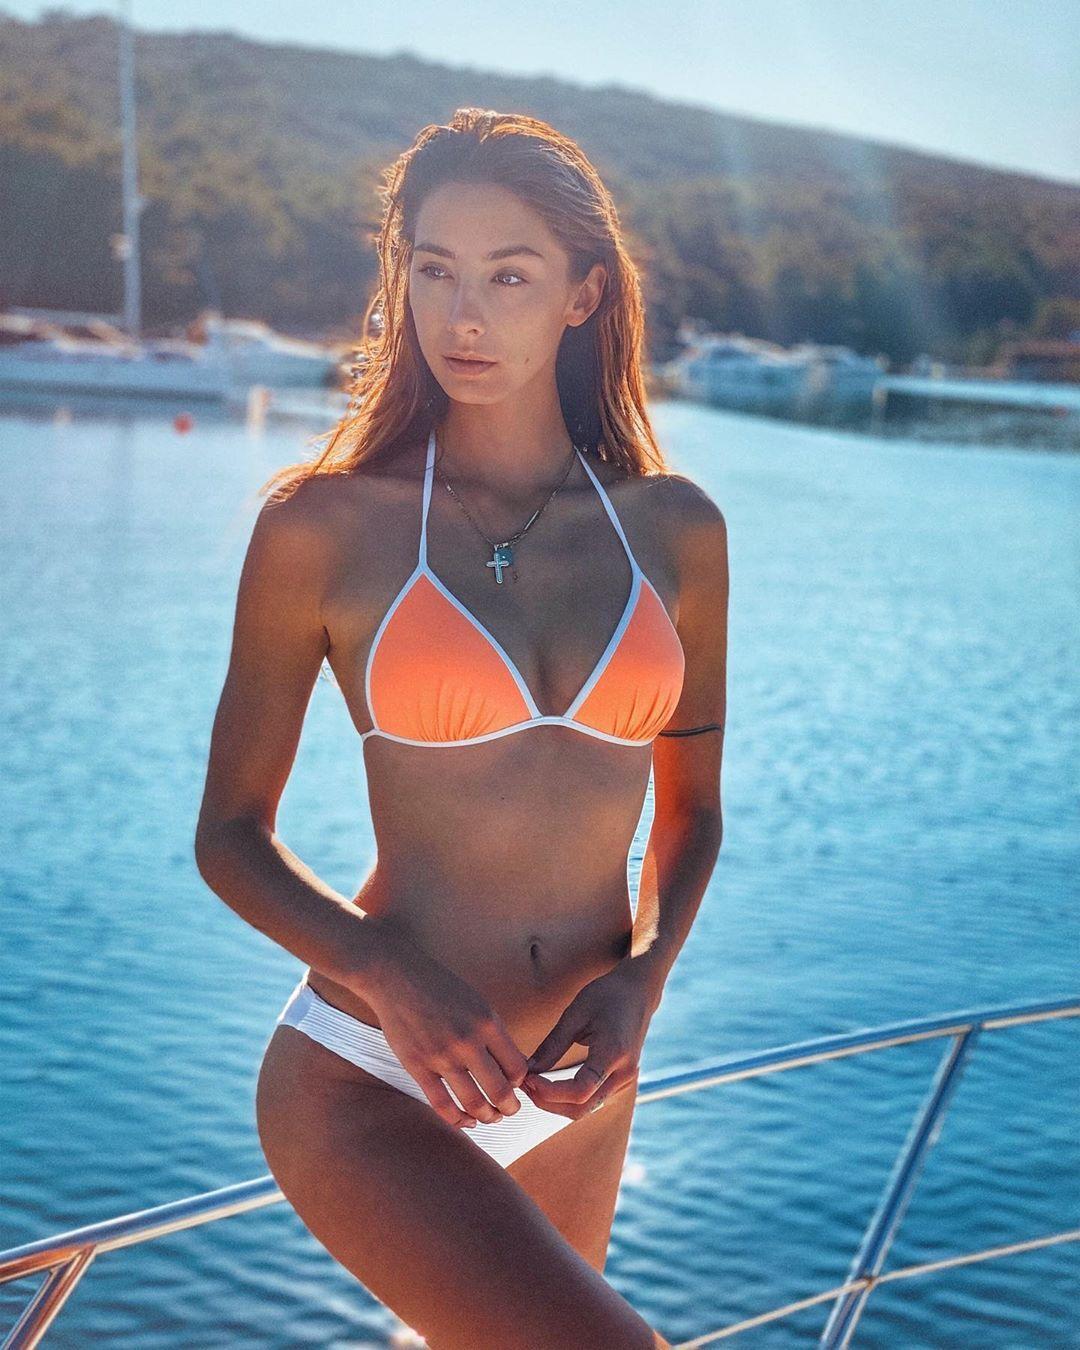 Опубліковані фото розкішної моделі, з якою Олександр Звєрєв порушив самоізоляцію